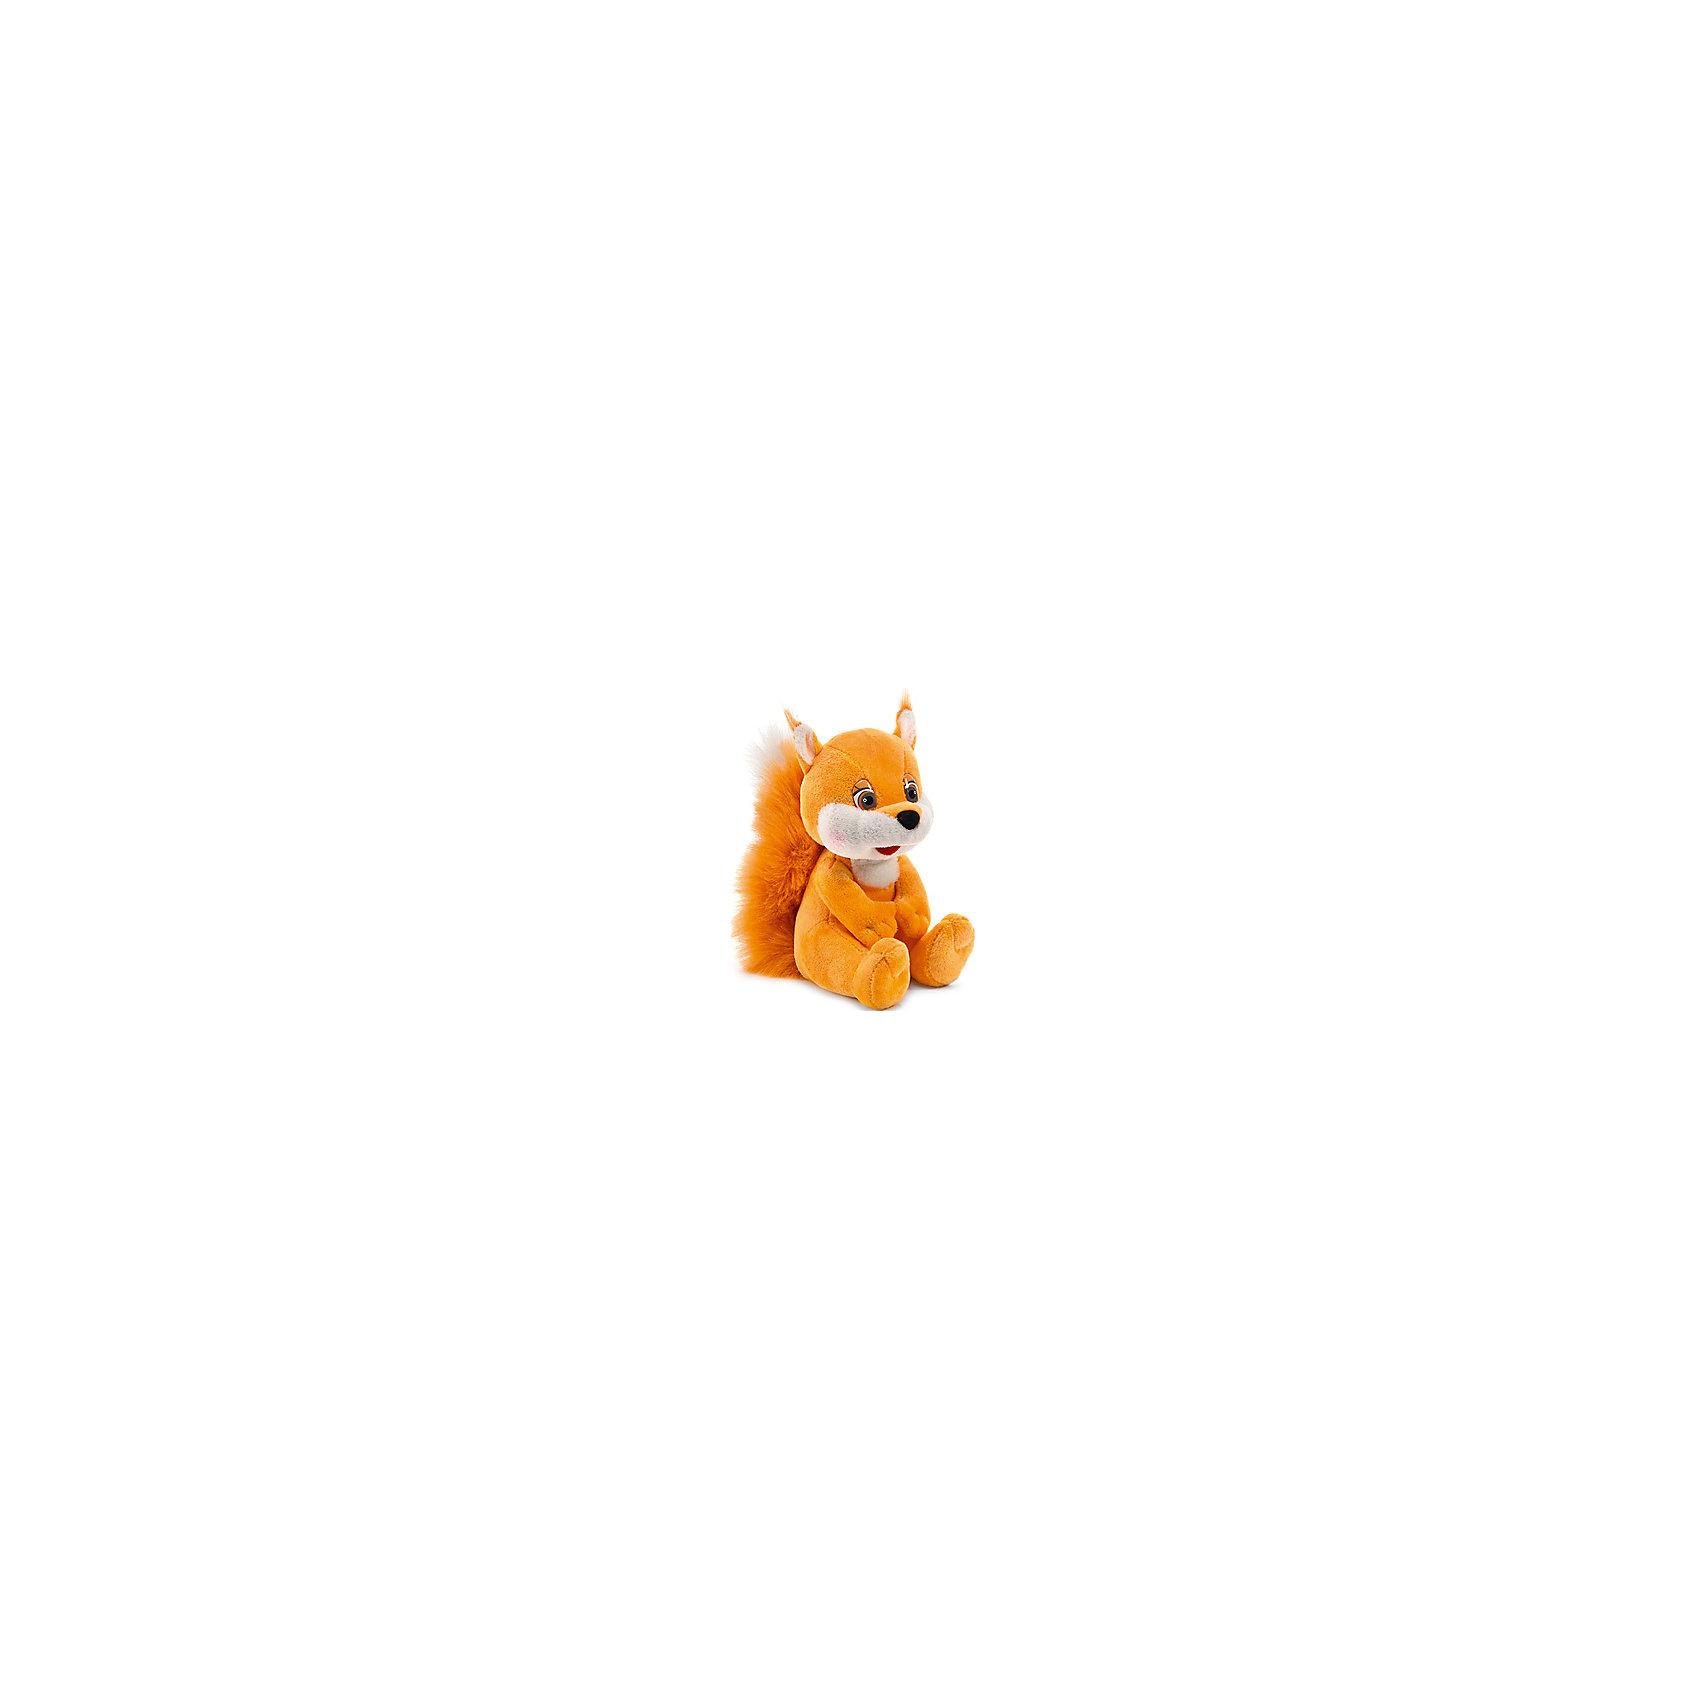 Бельчонок, музыкальный, 18,6 см, LAVAЗвери и птицы<br>Симпатичная мягкая игрушка сделана в виде забавной Белки. Она поможет ребенку проводить время весело и с пользой (такие игрушки развивают воображение и моторику). В игрушке есть встроенный звуковой модуль, работающий на батарейках.<br>Размер игрушки универсален - 18,6 сантиметров, её удобно брать с собой в поездки и на прогулку. Сделана Белка из качественных и безопасных для ребенка материалов, которые еще и приятны на ощупь. Эта игрушка может стать и отличным подарком для взрослого.<br><br>Дополнительная информация:<br><br>- материал: текстиль, пластик;<br>- звуковой модуль;<br>- язык: русский;<br>- работает на батарейках;<br>- высота: 18,6 см.<br><br>Игрушку Бельчонок, музыкальный, 18,6 см, от марки LAVA можно купить в нашем магазине.<br><br>Ширина мм: 9999<br>Глубина мм: 9999<br>Высота мм: 165<br>Вес г: 129<br>Возраст от месяцев: 36<br>Возраст до месяцев: 1188<br>Пол: Унисекс<br>Возраст: Детский<br>SKU: 4701888